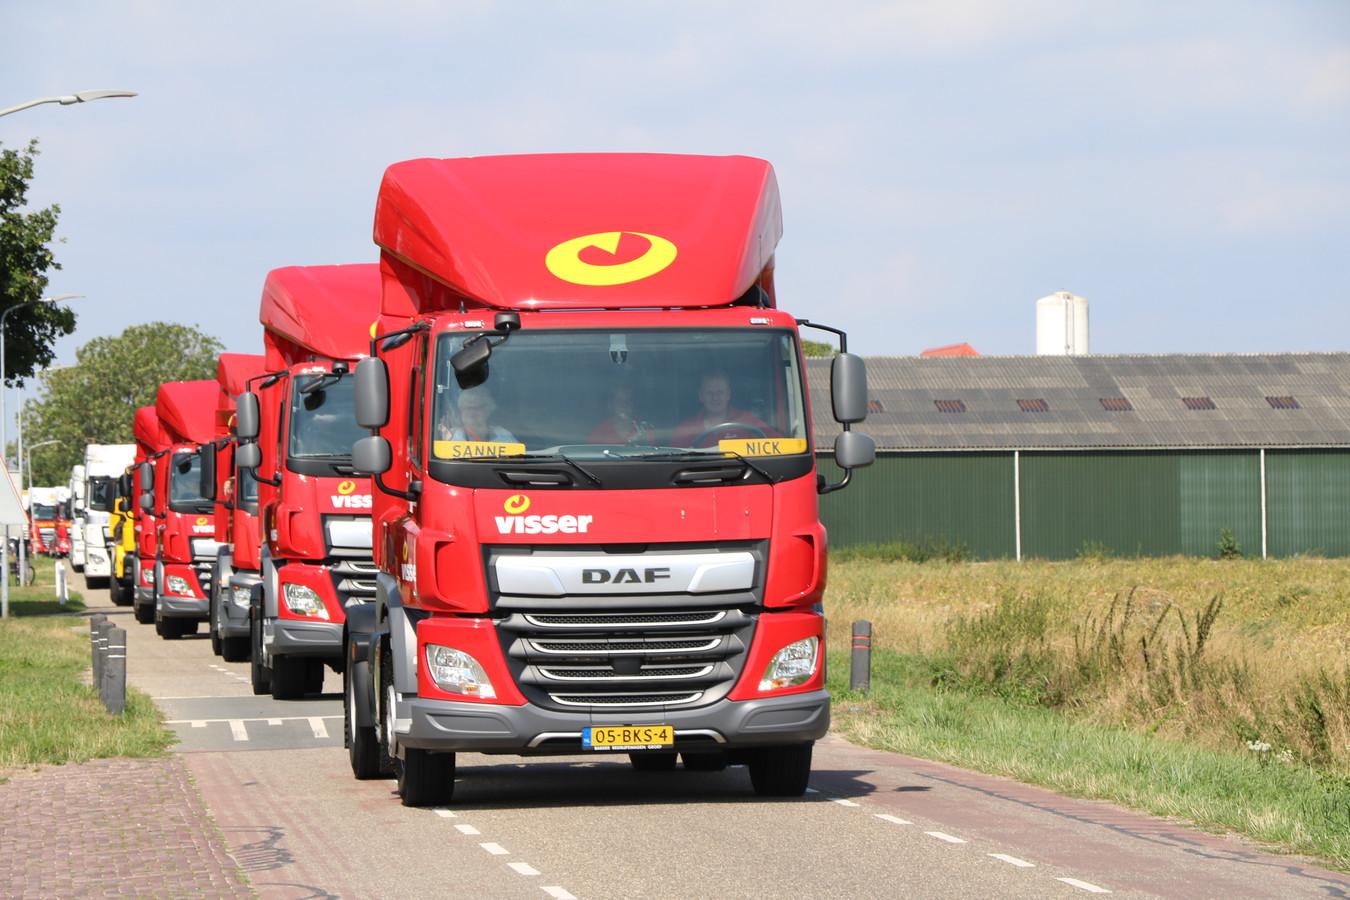 125 chauffeurs uit de Liemers bezorgen mensen met een handicap een leuke middag door ze een dagje mee te nemen in hun trucks.